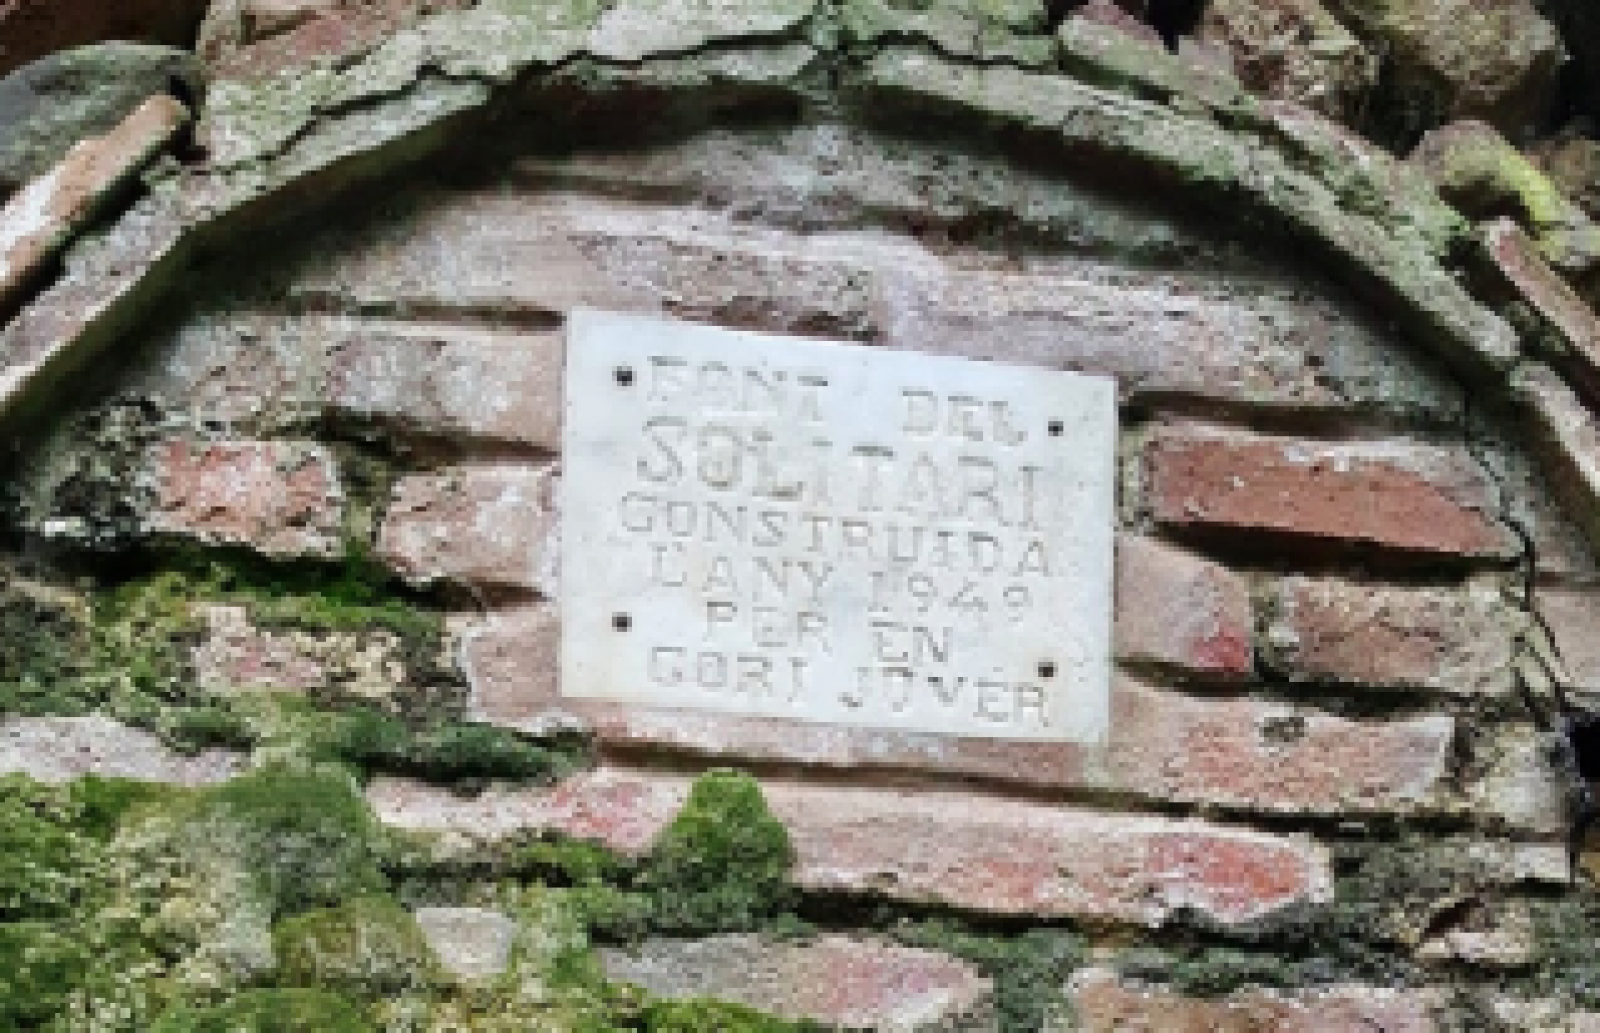 Detall de la placa de la Font del Solitari